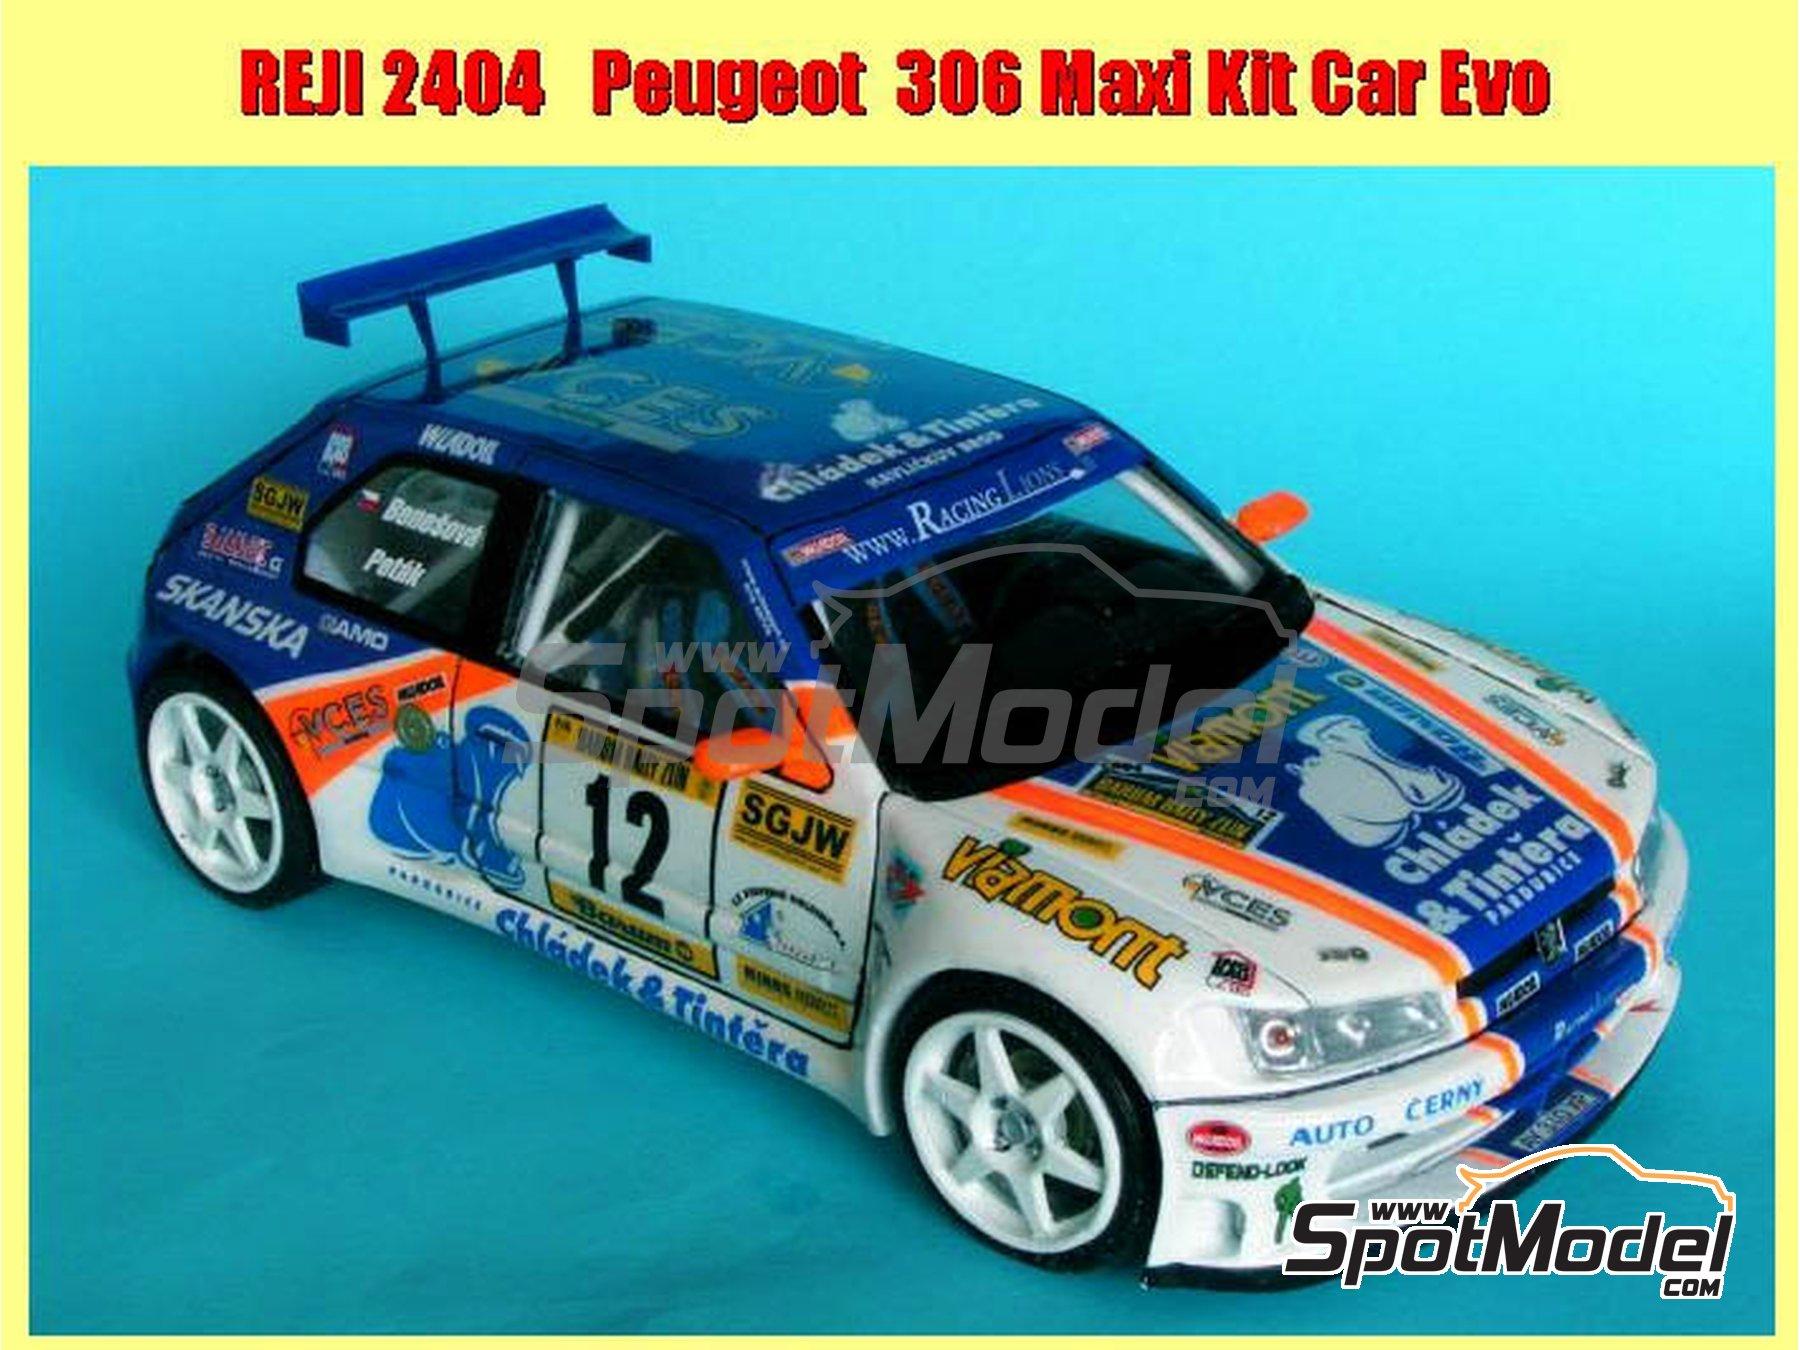 Image 3: Peugeot 306 Maxi Kit Car Evo Total - Rally Barum de la Republica Checa 2004 | Maqueta de coche en escala1/24 fabricado por Reji Model (ref.REJI-2404, tambien 2404)